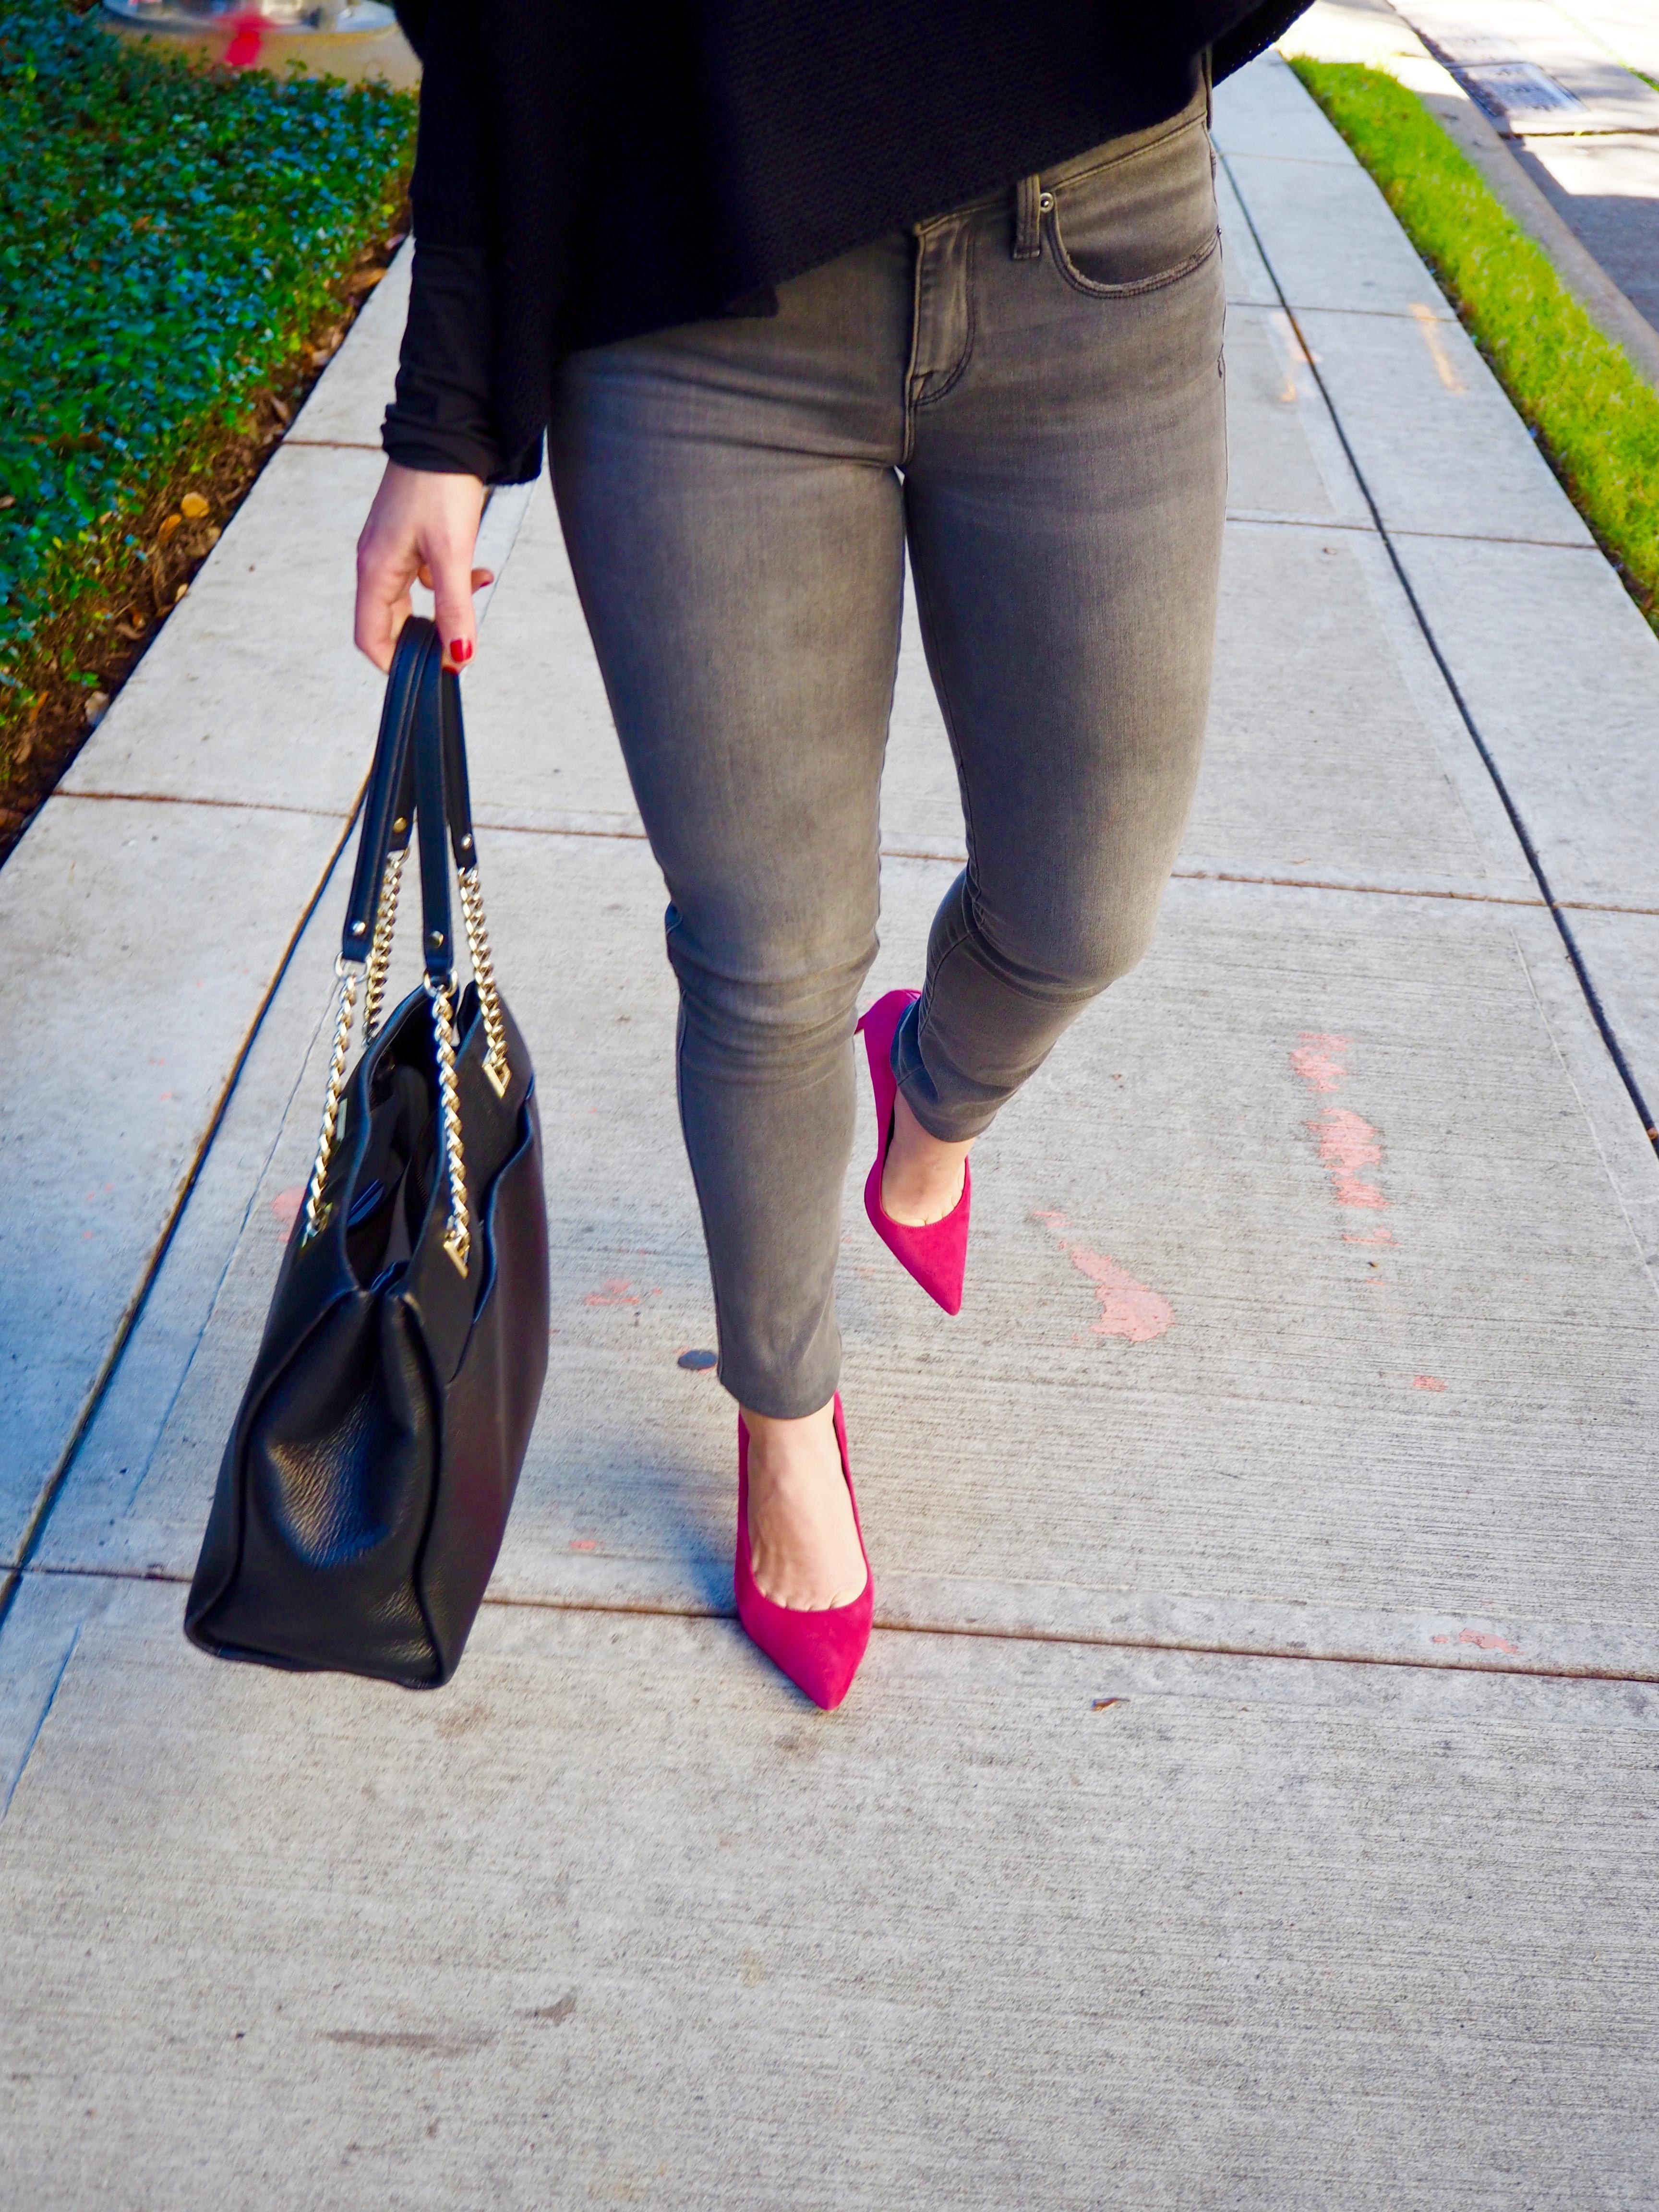 Gray Jeans & Pink Heels